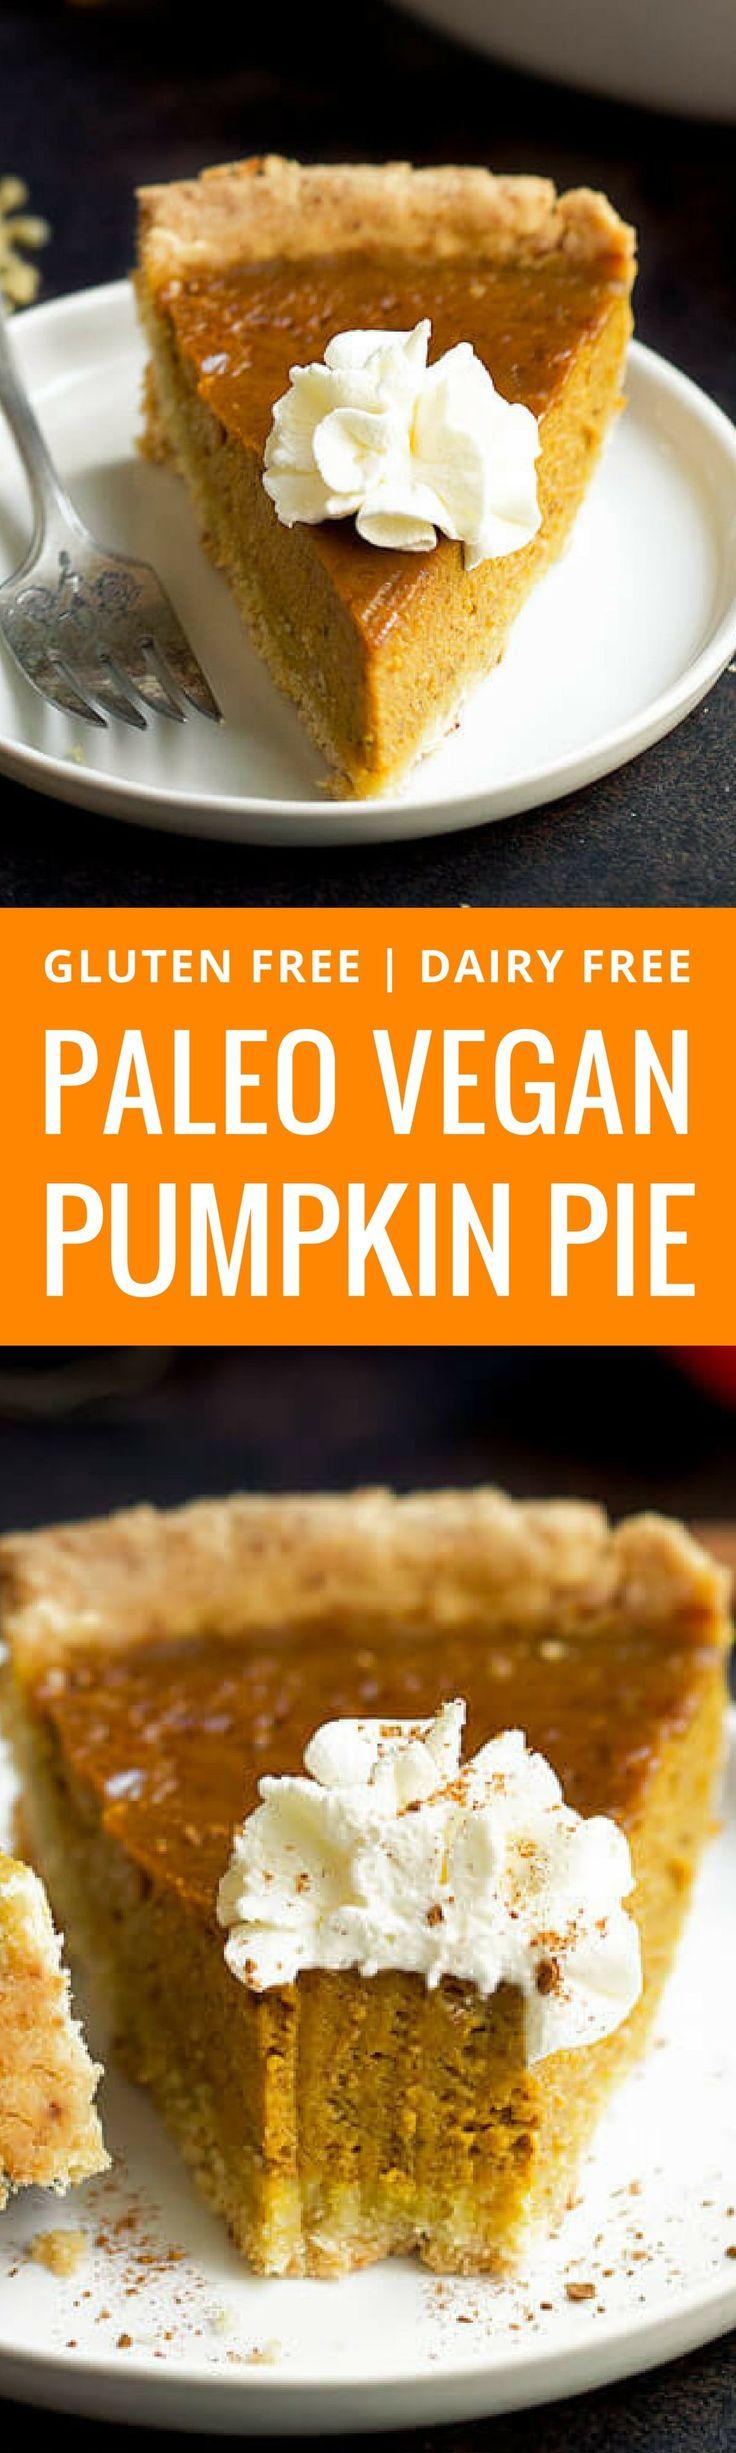 A Gluten Free Vegan Pumpkin Pie recipe with an inc…